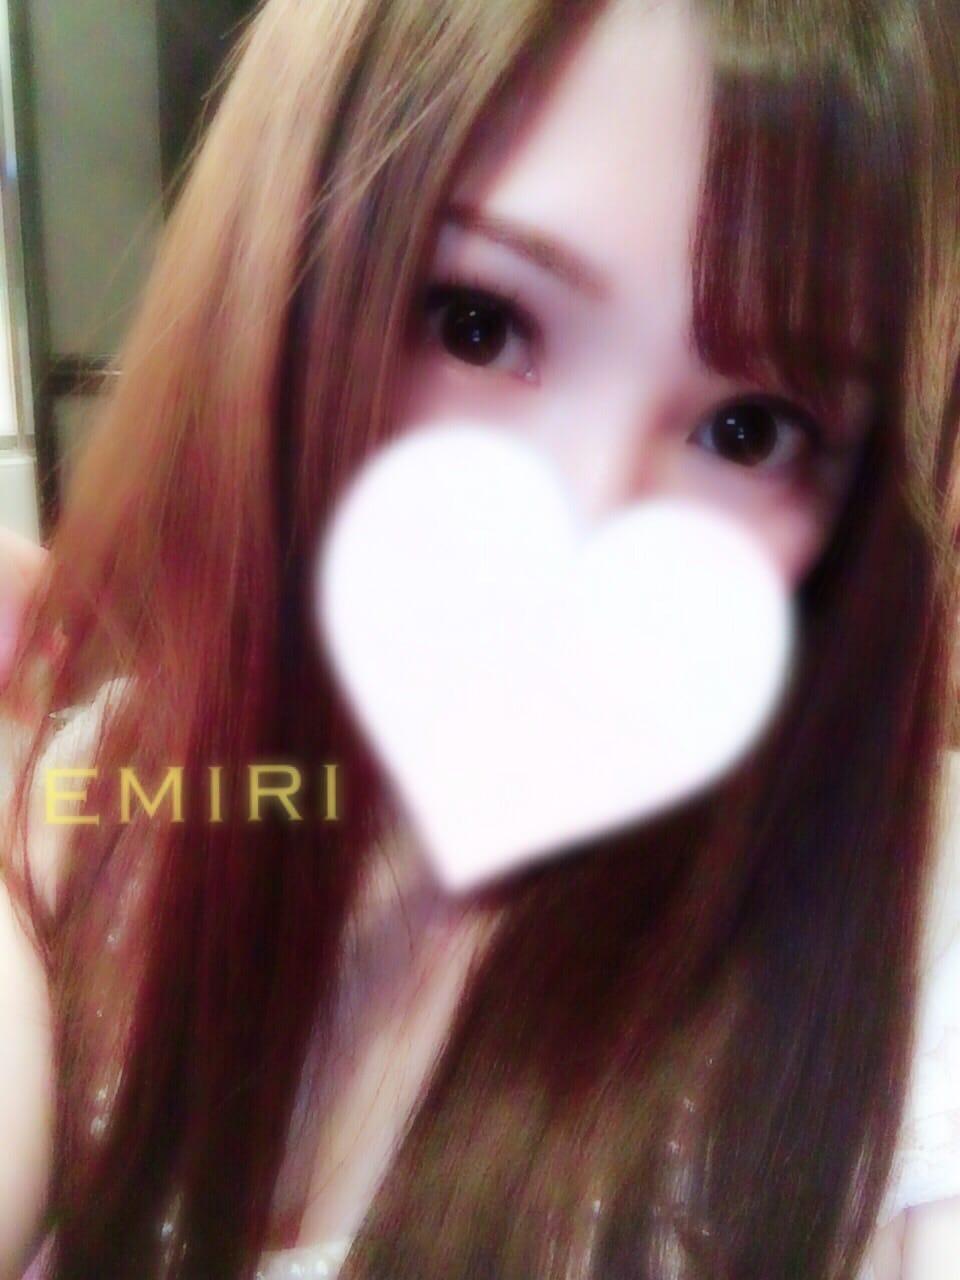 「おはようございます♪+°。」03/17(土) 09:02 | えみりの写メ・風俗動画